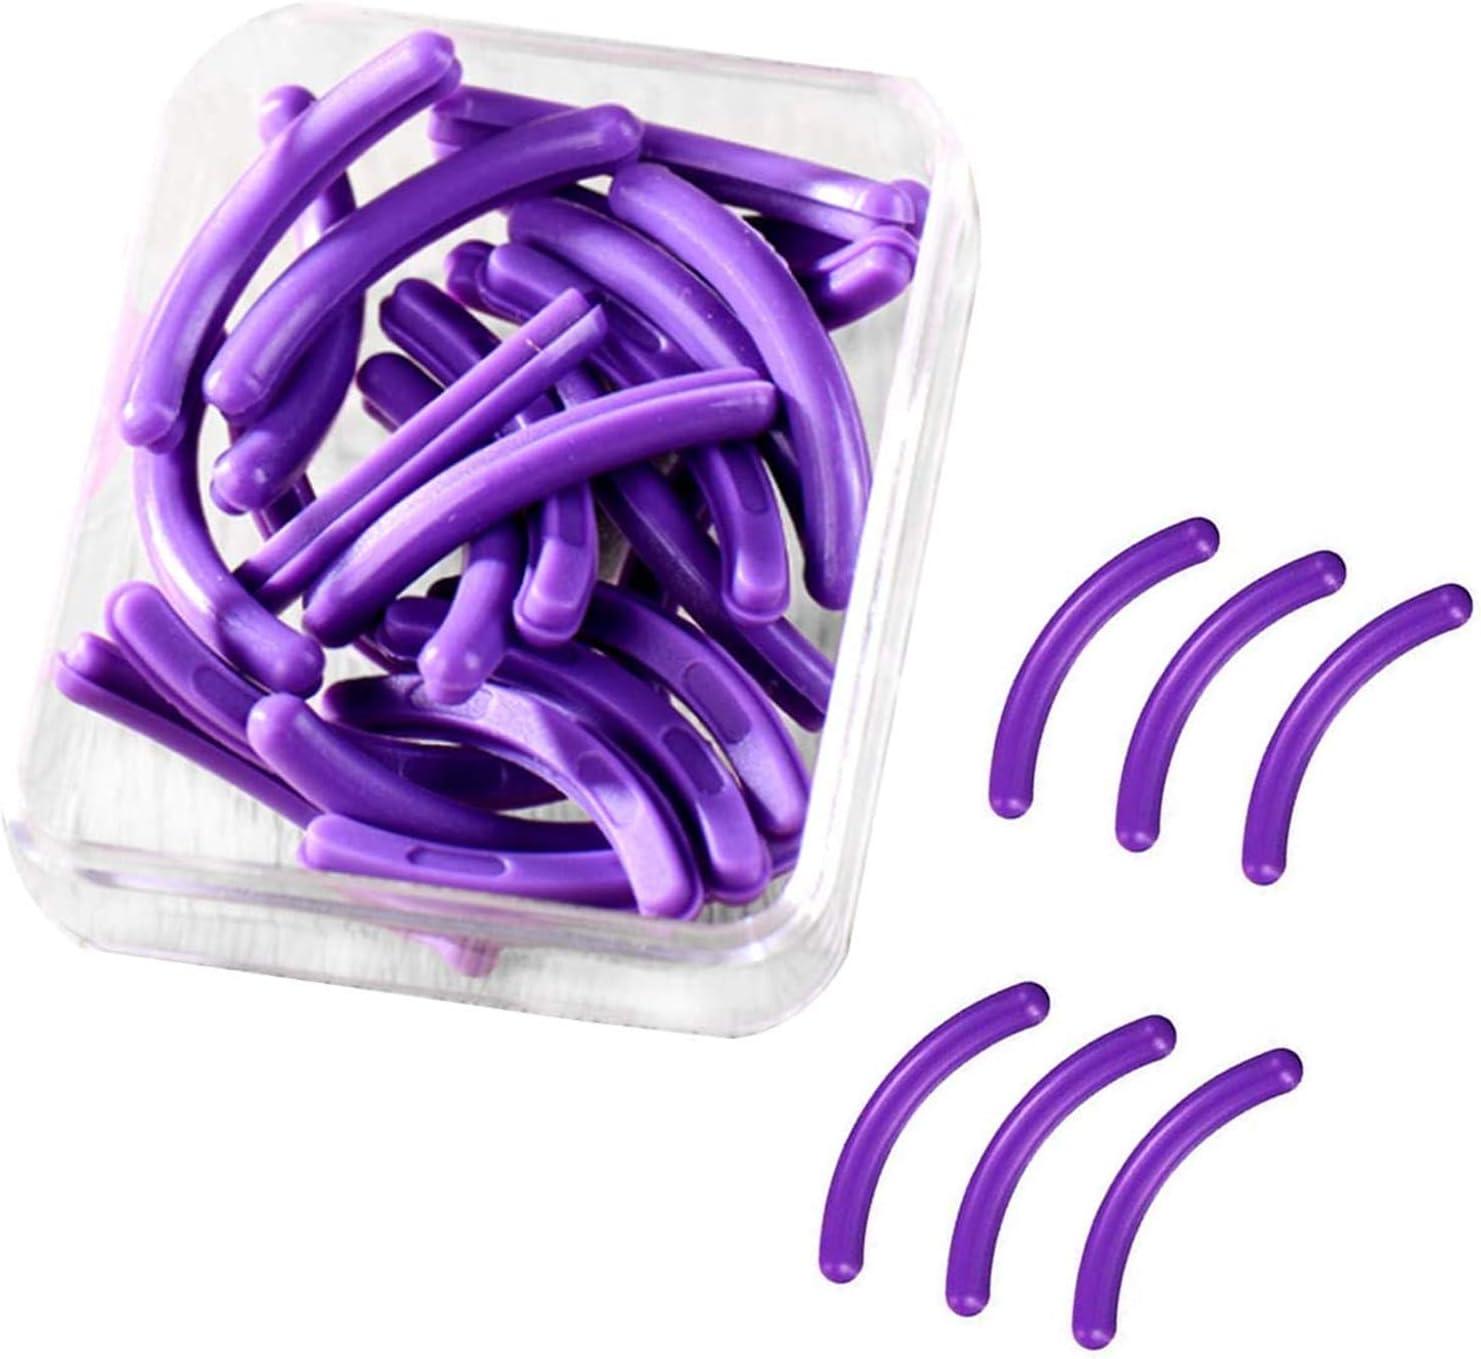 LEBQ 24 recambios para rizador de pestañas, Almohadillas de Recambio de Goma de Silicona, Color Negro, recambios para rizador de pestañas Universal con una Caja de Almacenamiento Transparente: Amazon.es: Hogar